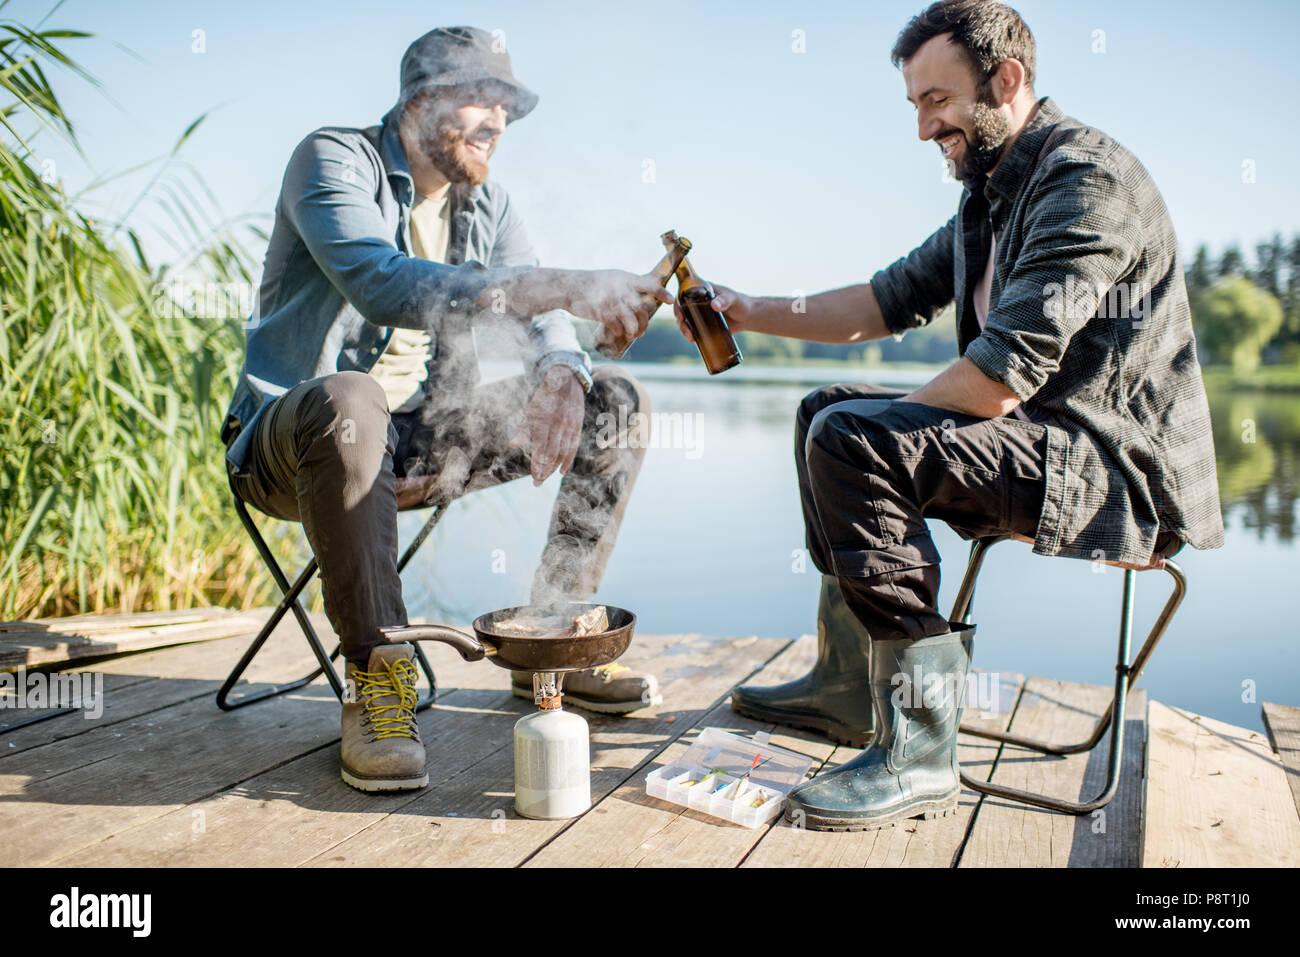 Due pescatori la frittura di pesce con seduta birra durante il picnic sul molo in legno vicino al lago al mattino Immagini Stock